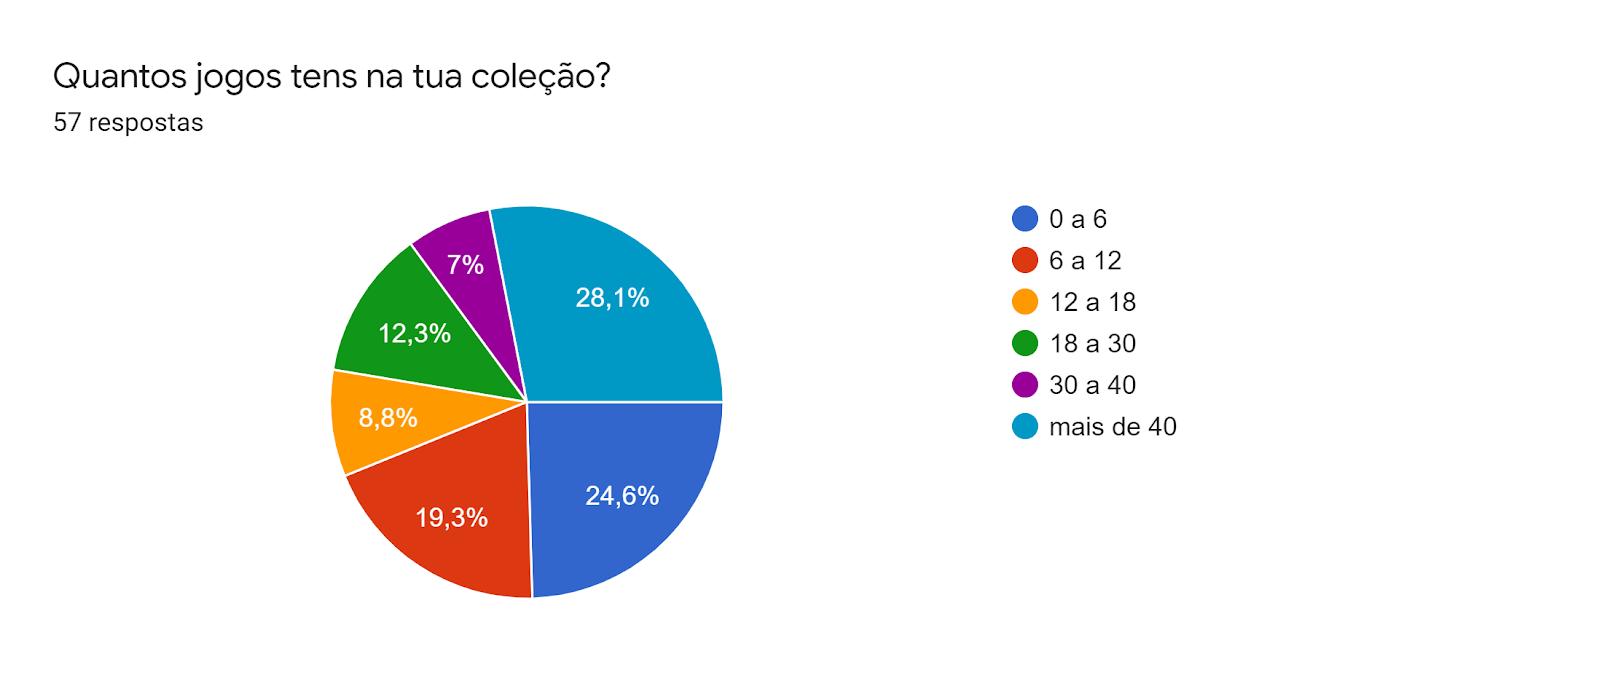 Gráfico de respostas do Formulários. Título da pergunta: Quantos jogos tens na tua coleção?. Número de respostas: 57 respostas.